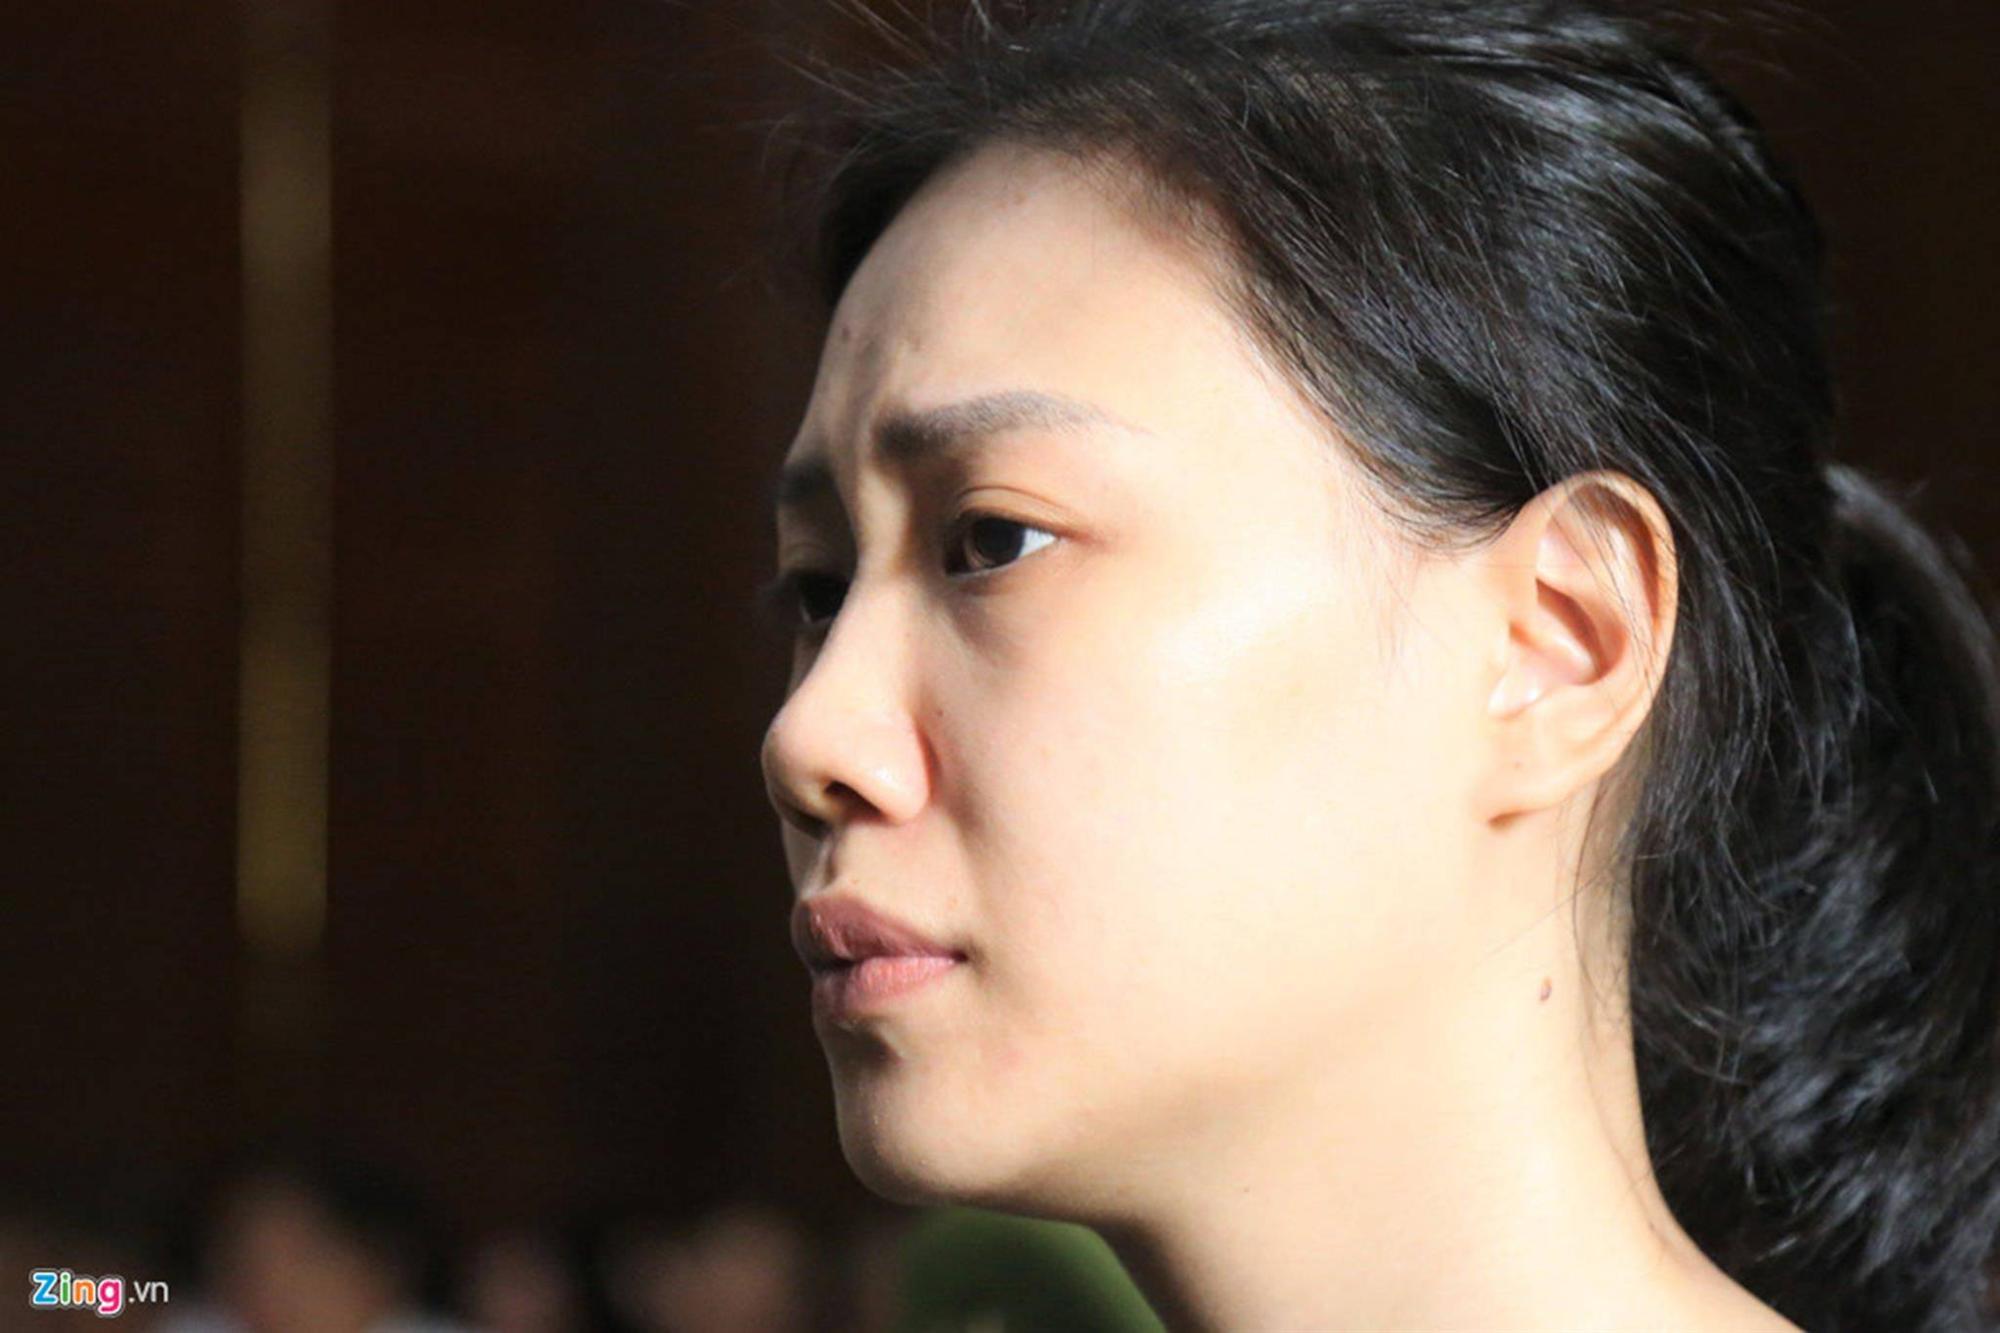 Cảm xúc trái chiều của Ngọc Miu và nhiều bị cáo khi VKS đề nghị án-4